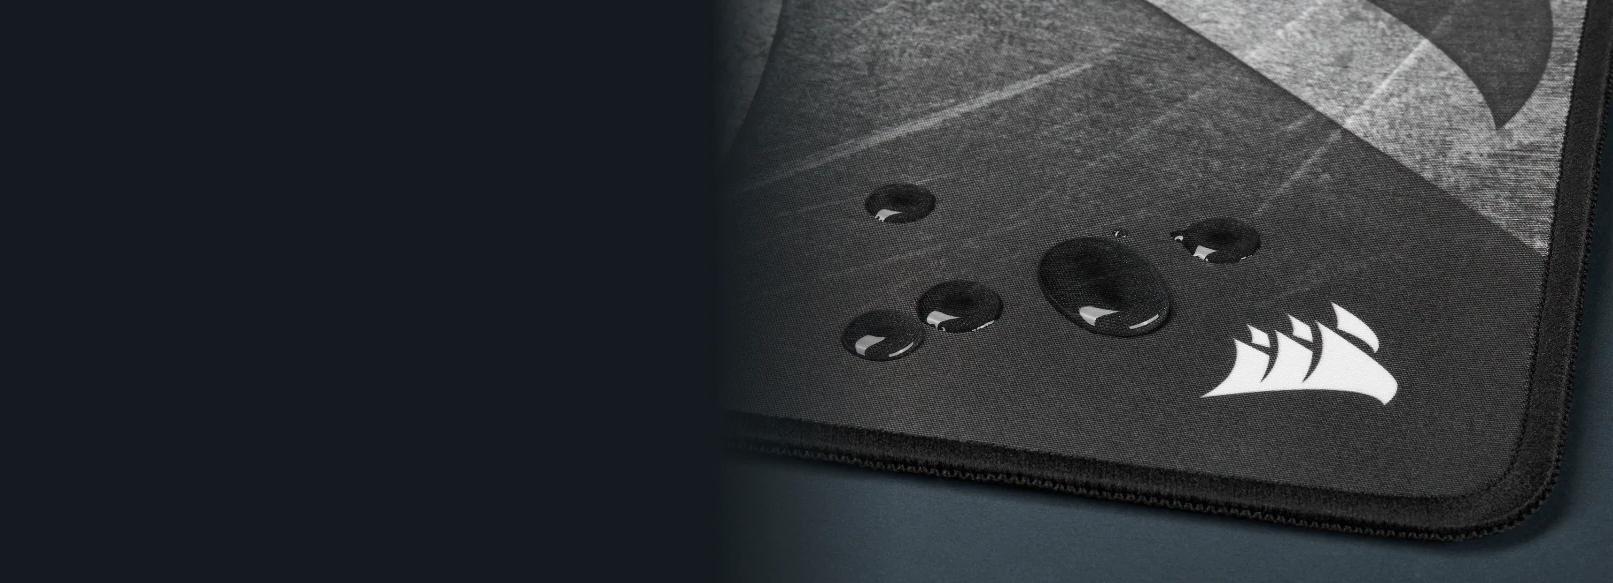 Bàn di chuột Corsair MM350 Spill-Proof Extended 930 x 400 x 5mm CH-9413571-WW  có thể chống nước, bền bỉ